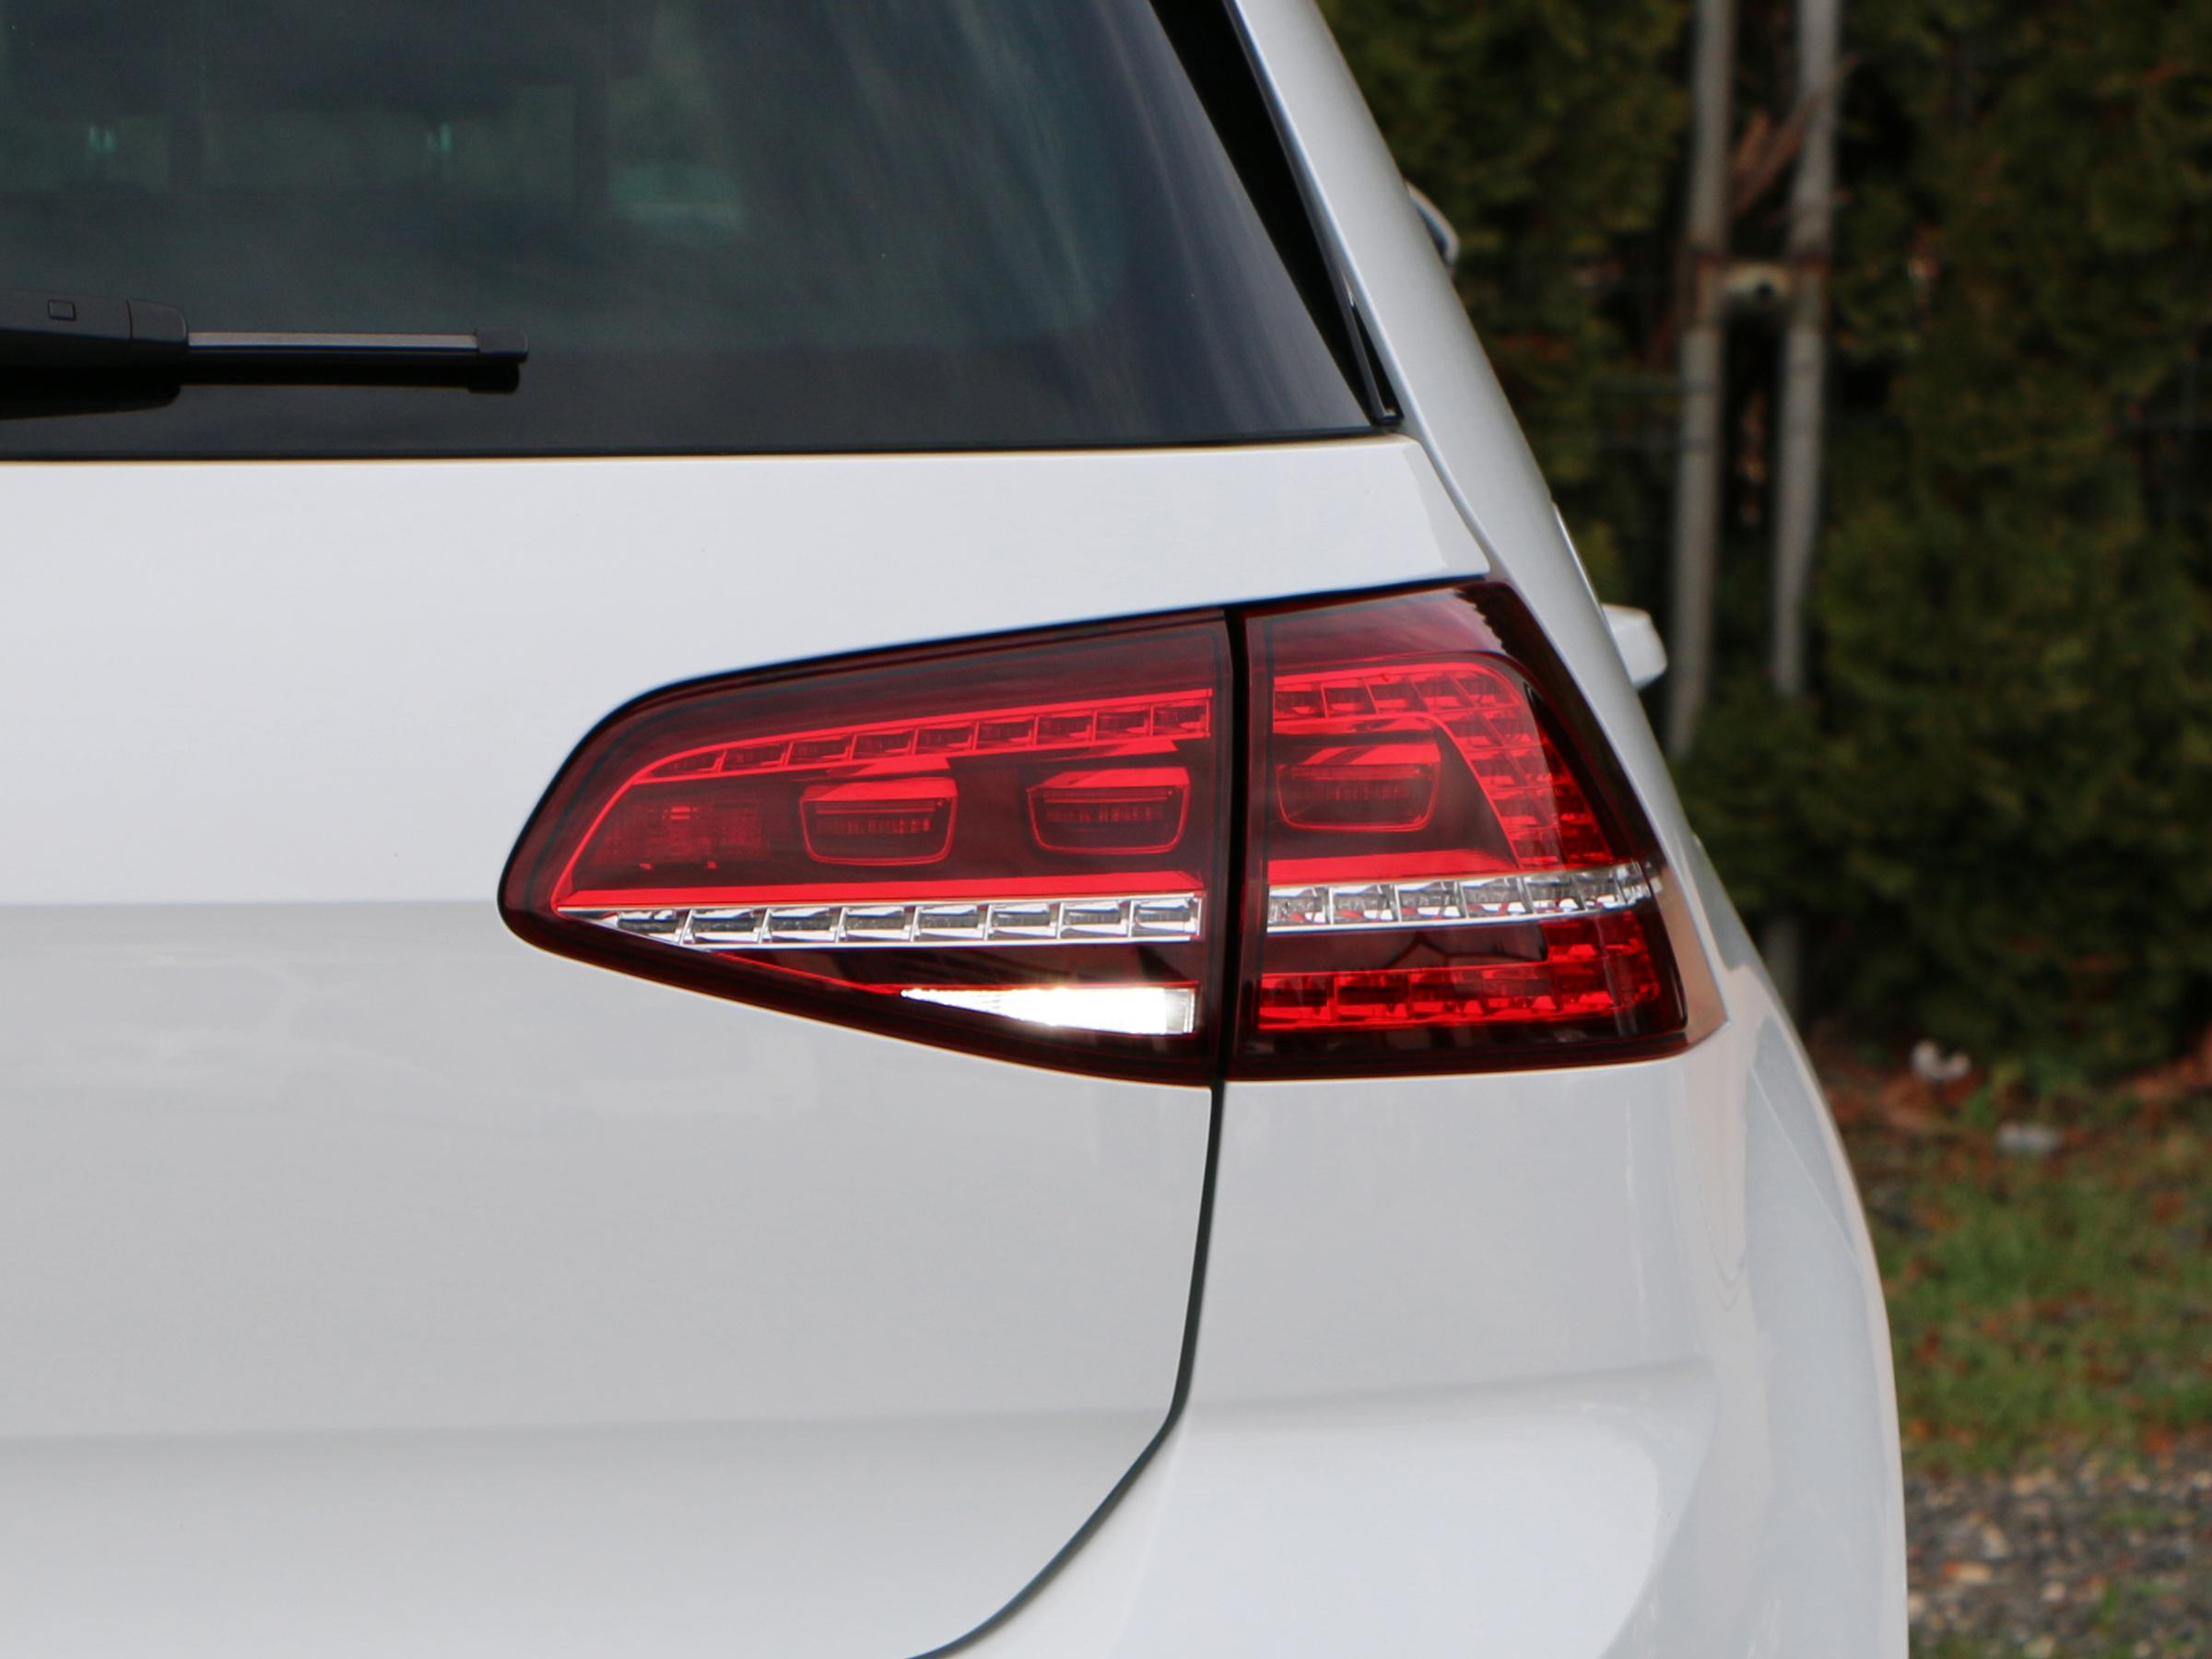 4x5 W CREE LED Rückfahrlicht VW Golf 7 mit LED Rückleuchten weiss